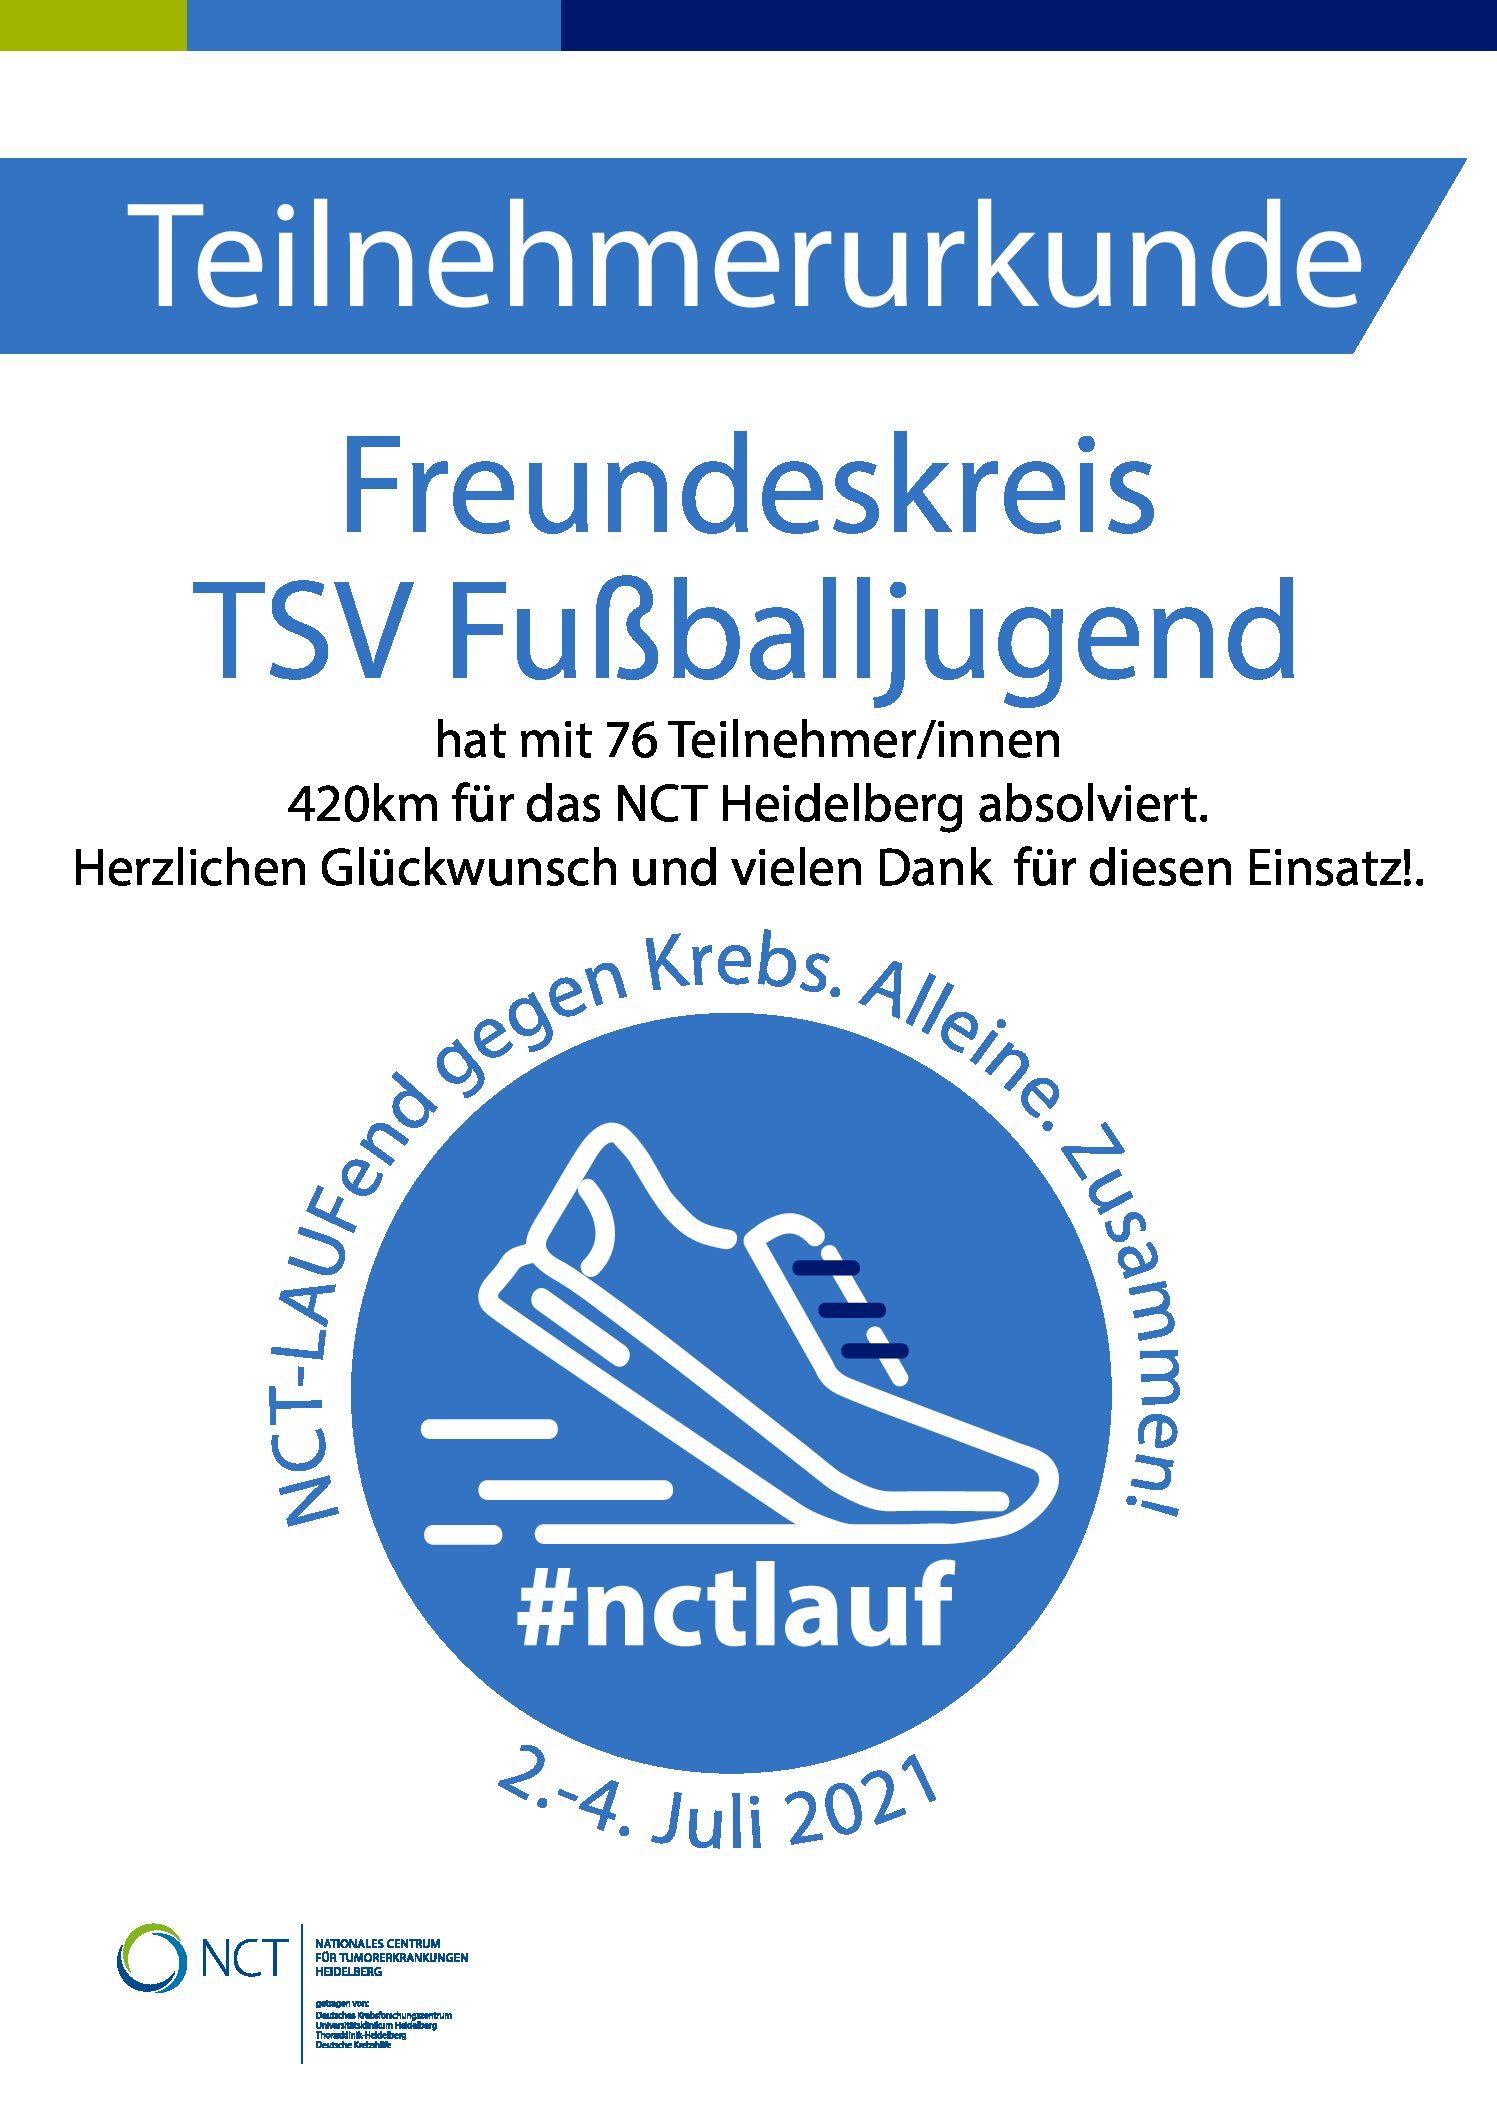 NCT Spendenlauf, Kicken & Grillen